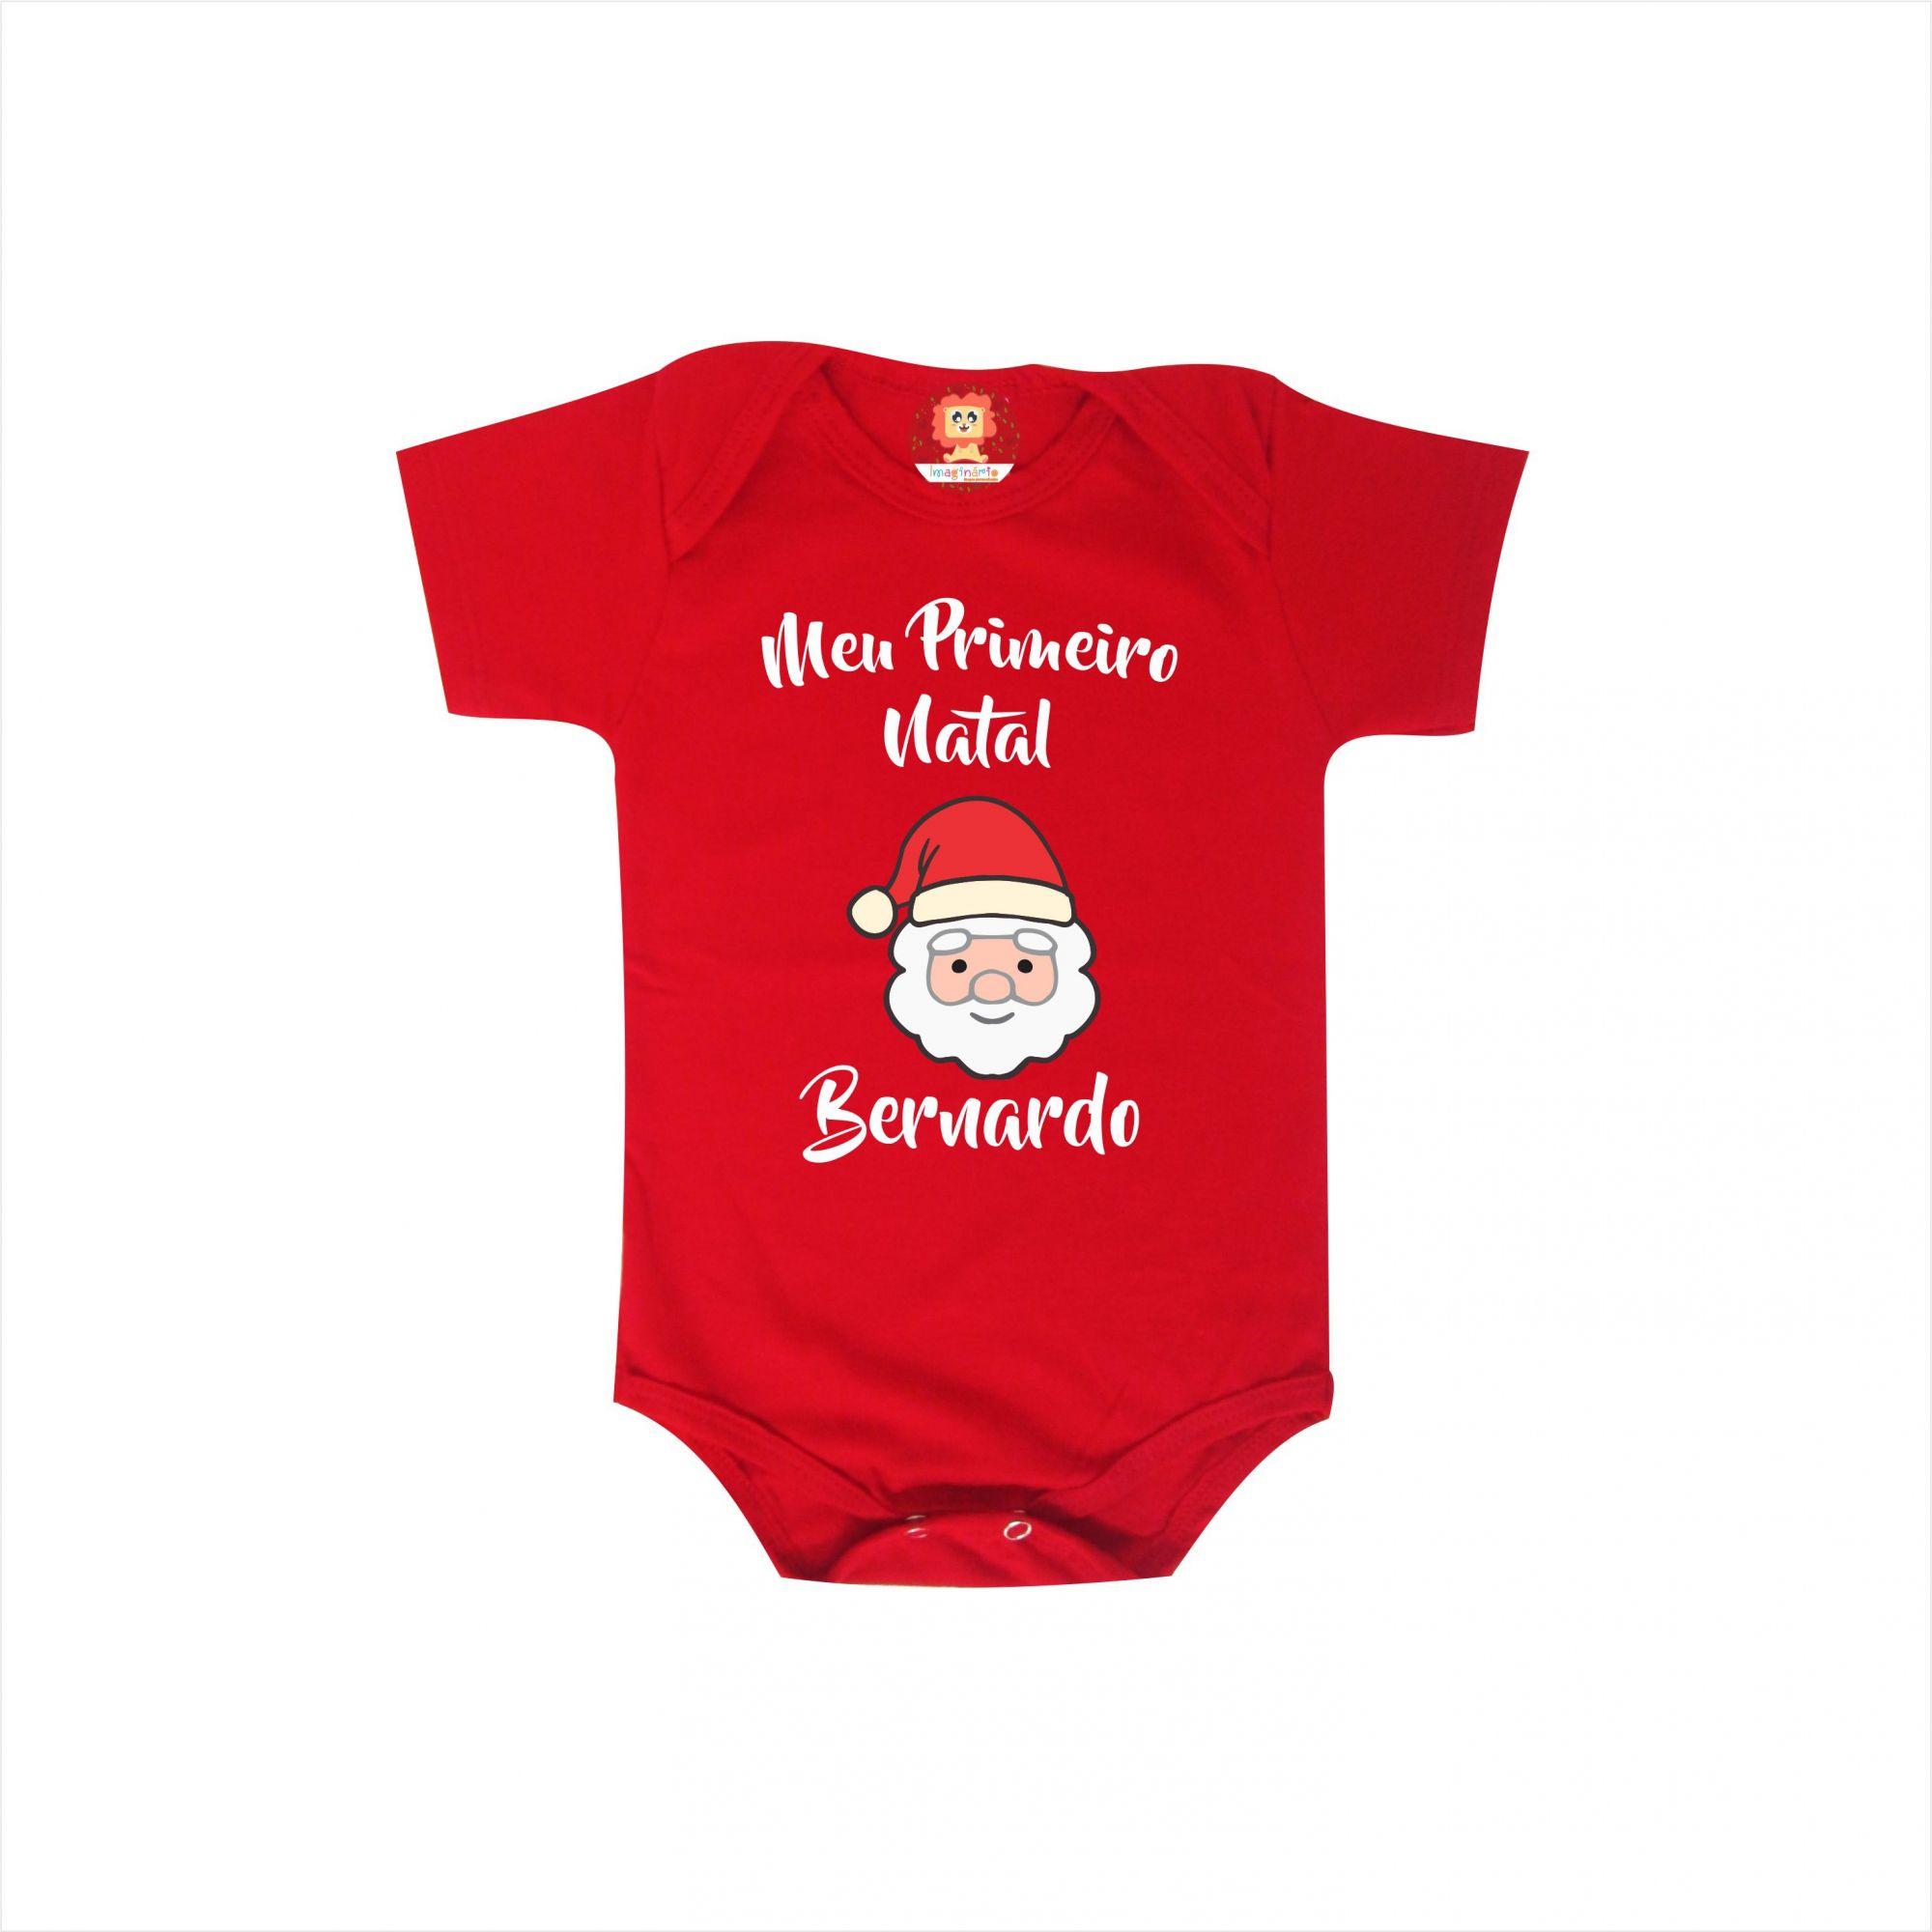 Body Personalizado Meu Primeiro Natal com Nome